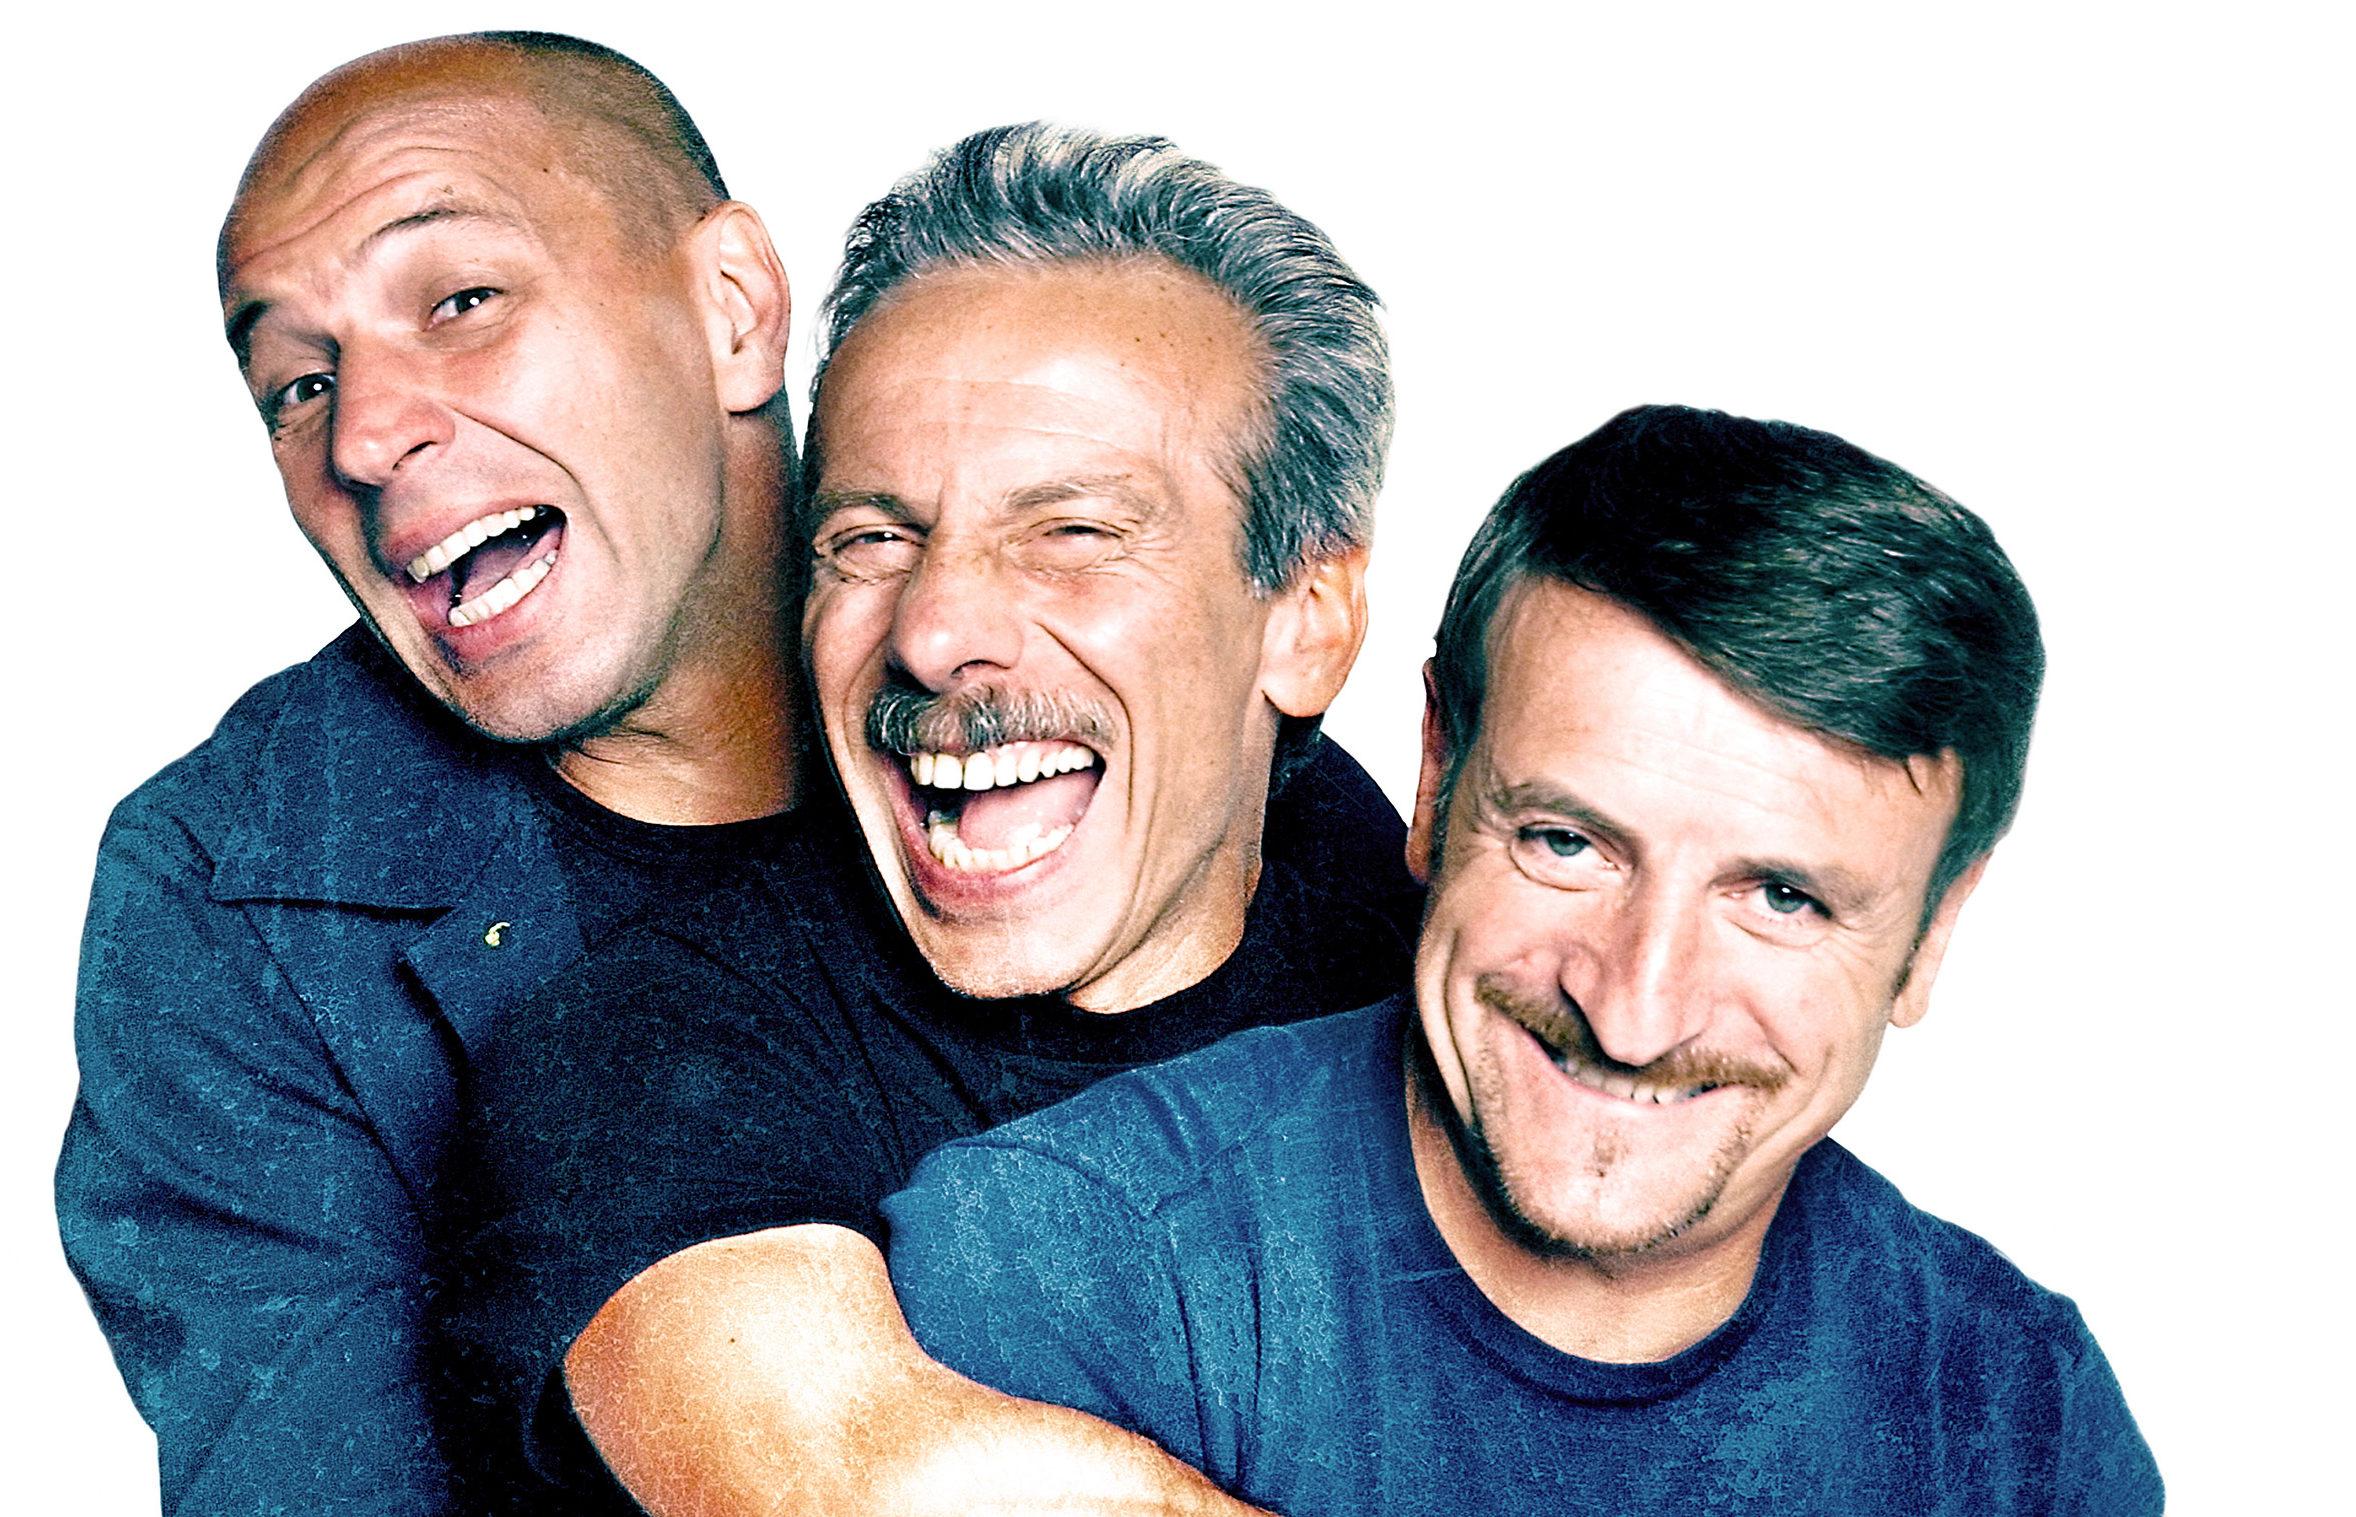 Aldo, Giovanni e Giacomo: al via le riprese del nuovo film insieme